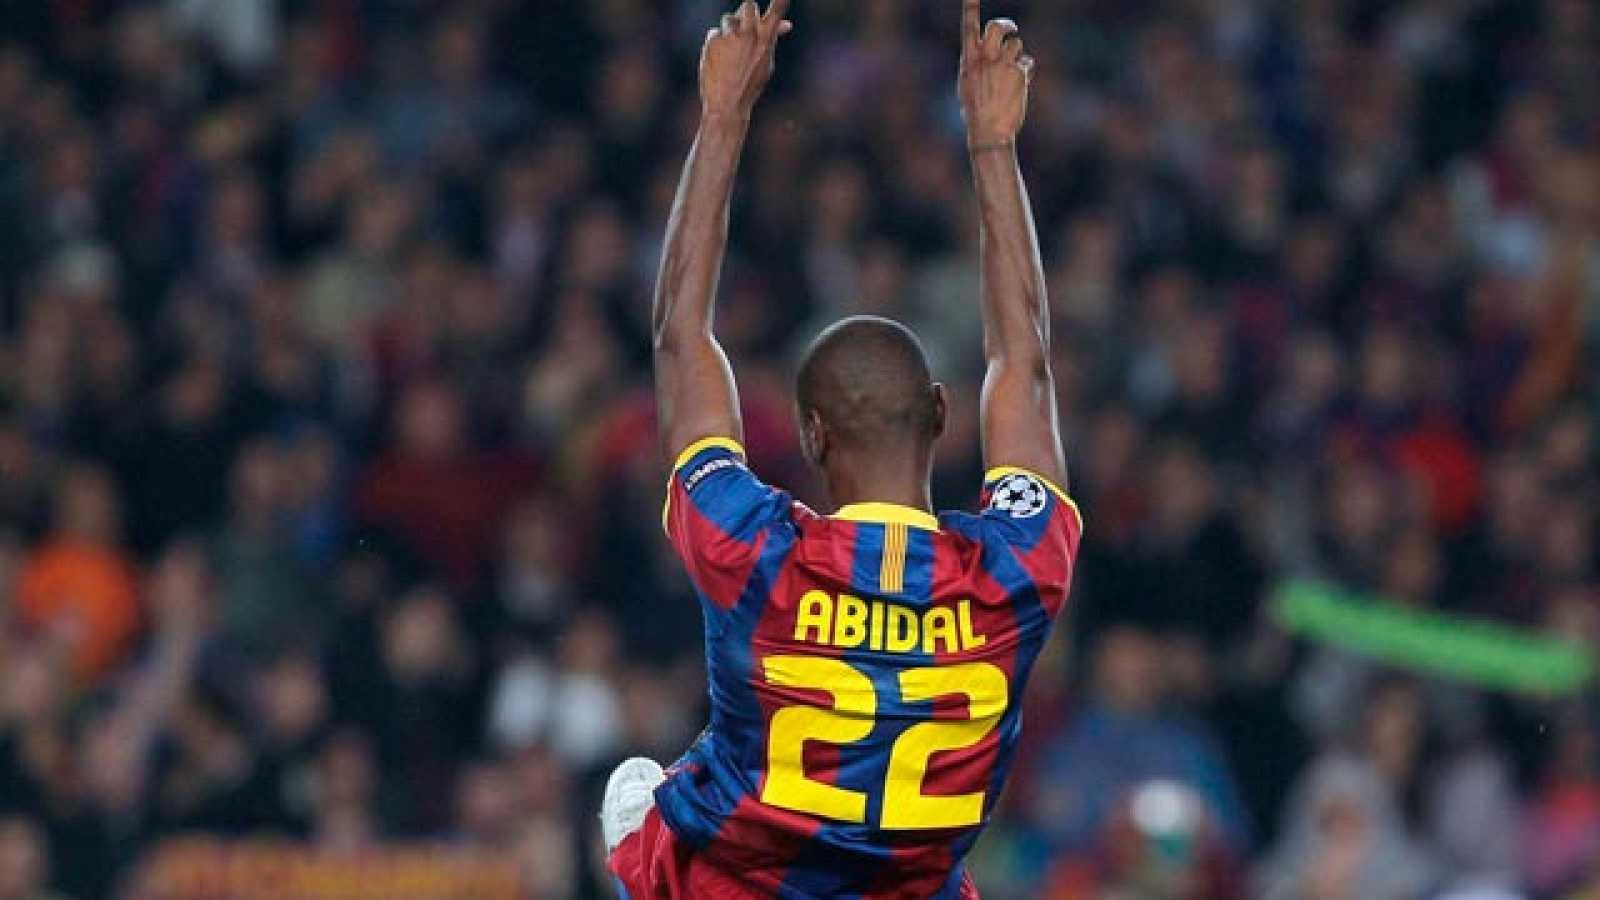 El defensa francés del FC Barcelona recibió la ovación de la noche al regresar después de haber superado un tumor y sus compañeros le dedicaron el pase a la final